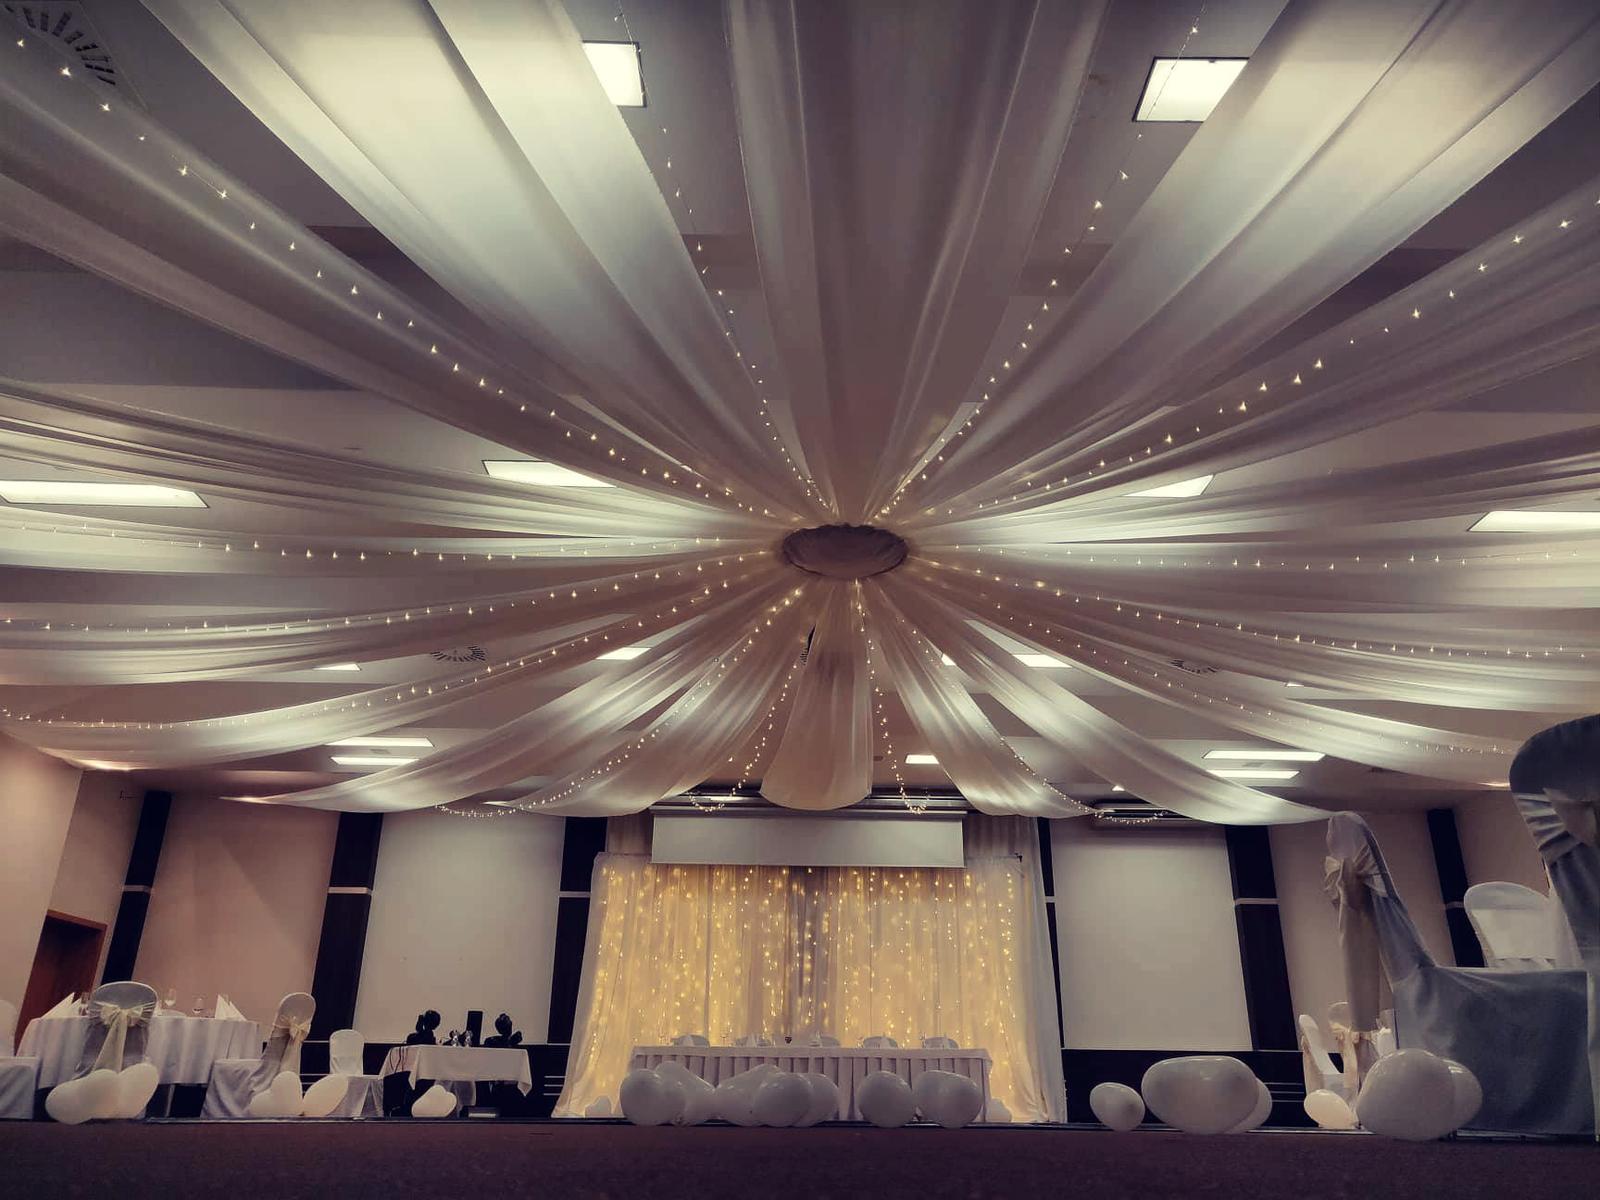 Baldachýnové stropné dekorácie na svadbe 11.8.2018 - Obrázok č. 2